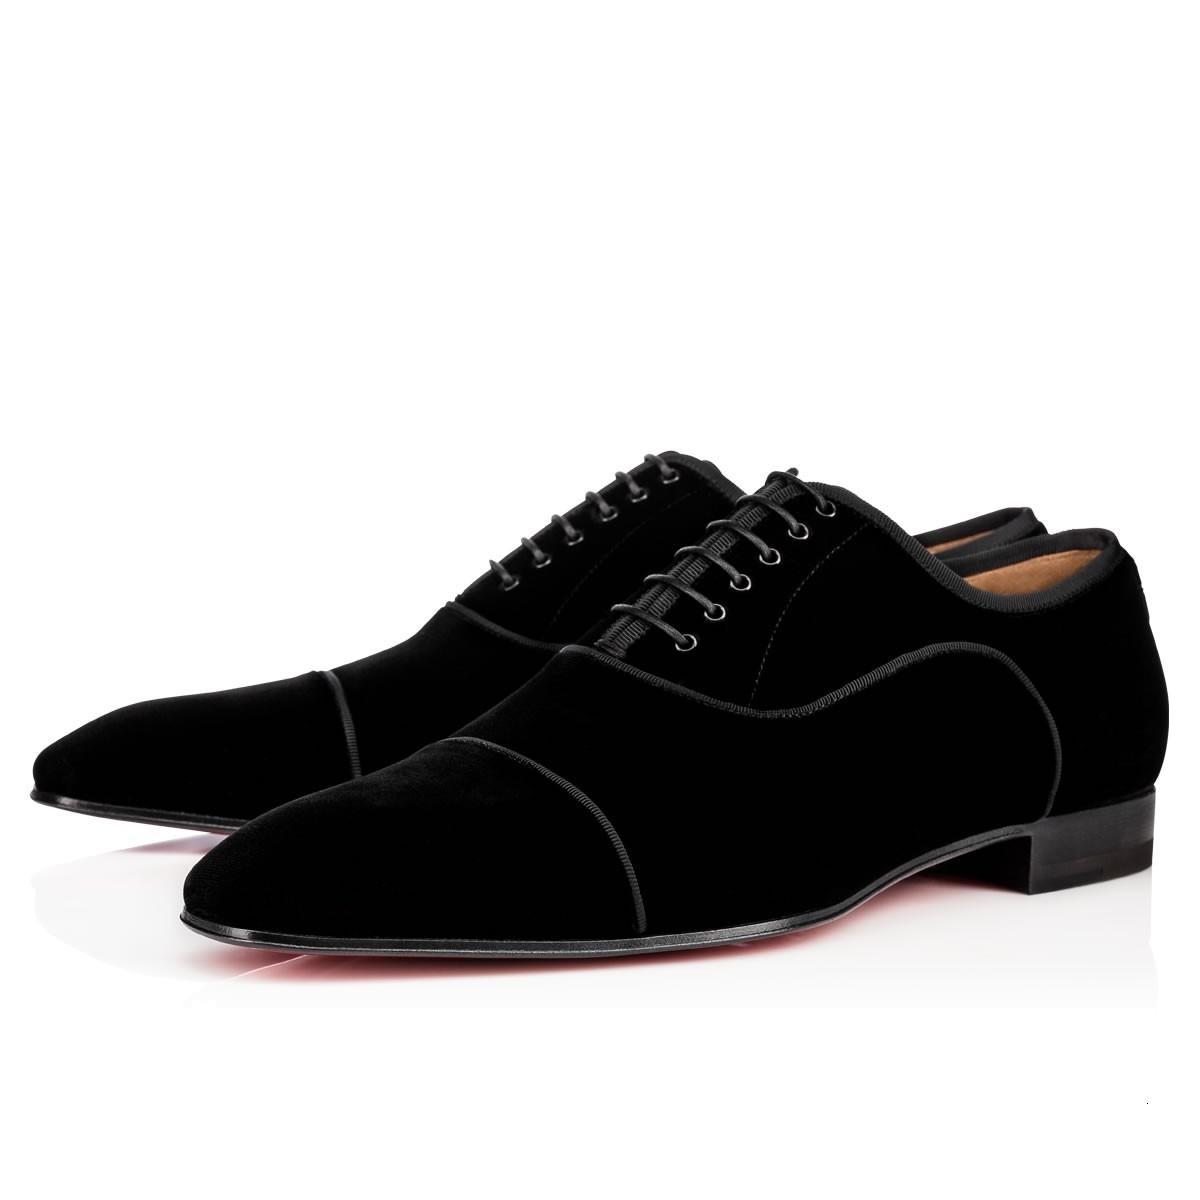 Haute qualité Greggo Appartement robe de soirée Bussiness Femmes, Hommes Mode Rouge Bas Oxfords Chaussures Casual Chaussures de marche Taille 35-46